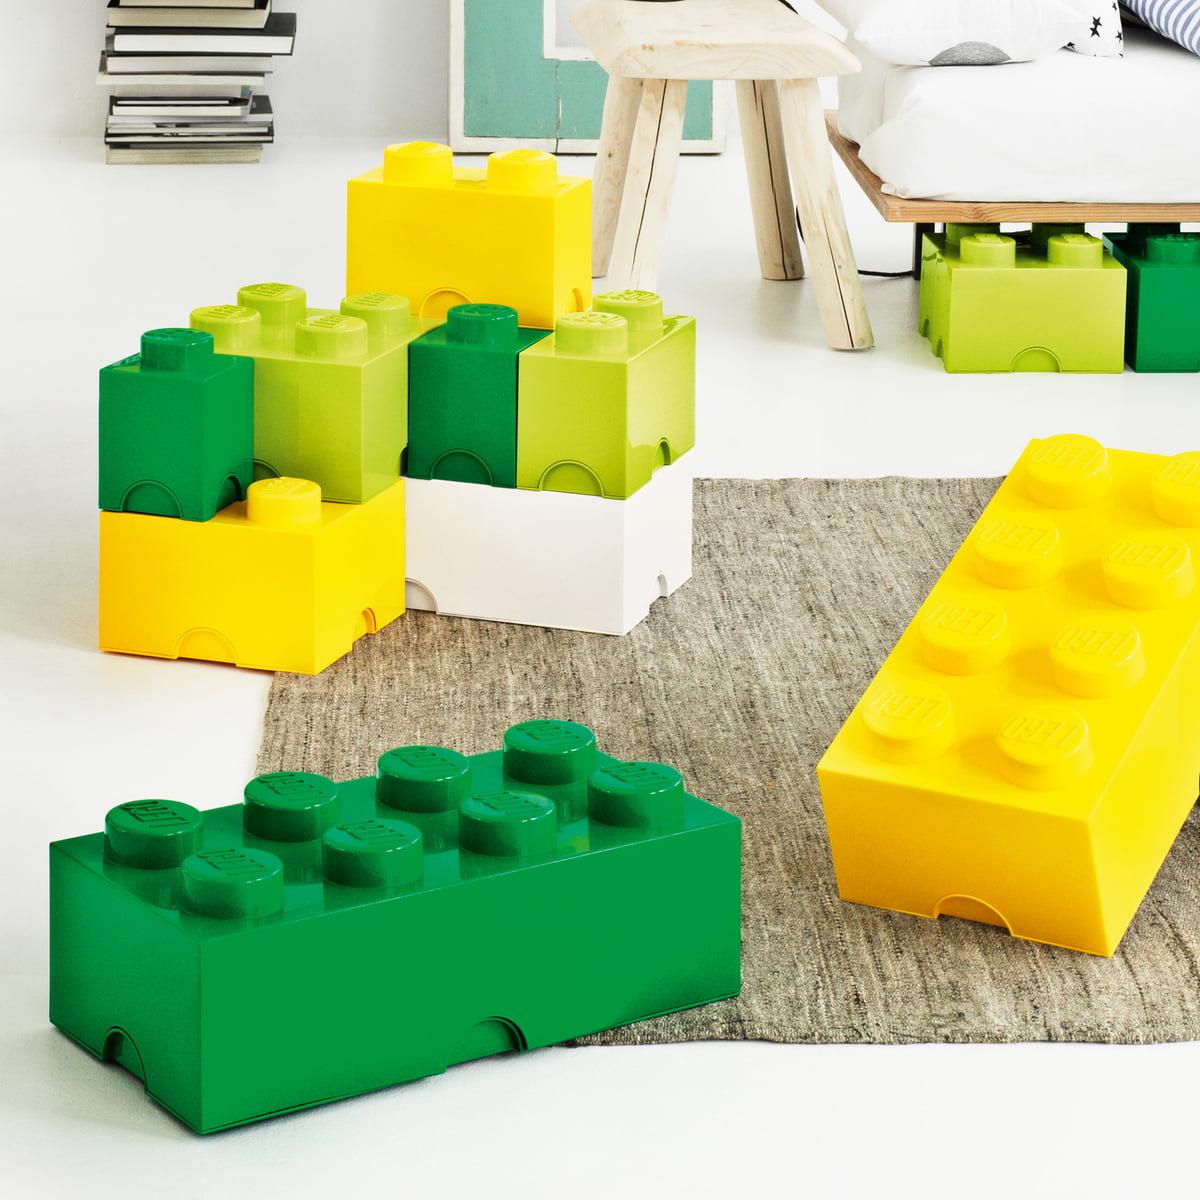 meilleures baskets f6d78 395c1 Lego - Brique de rangement, lot de 3